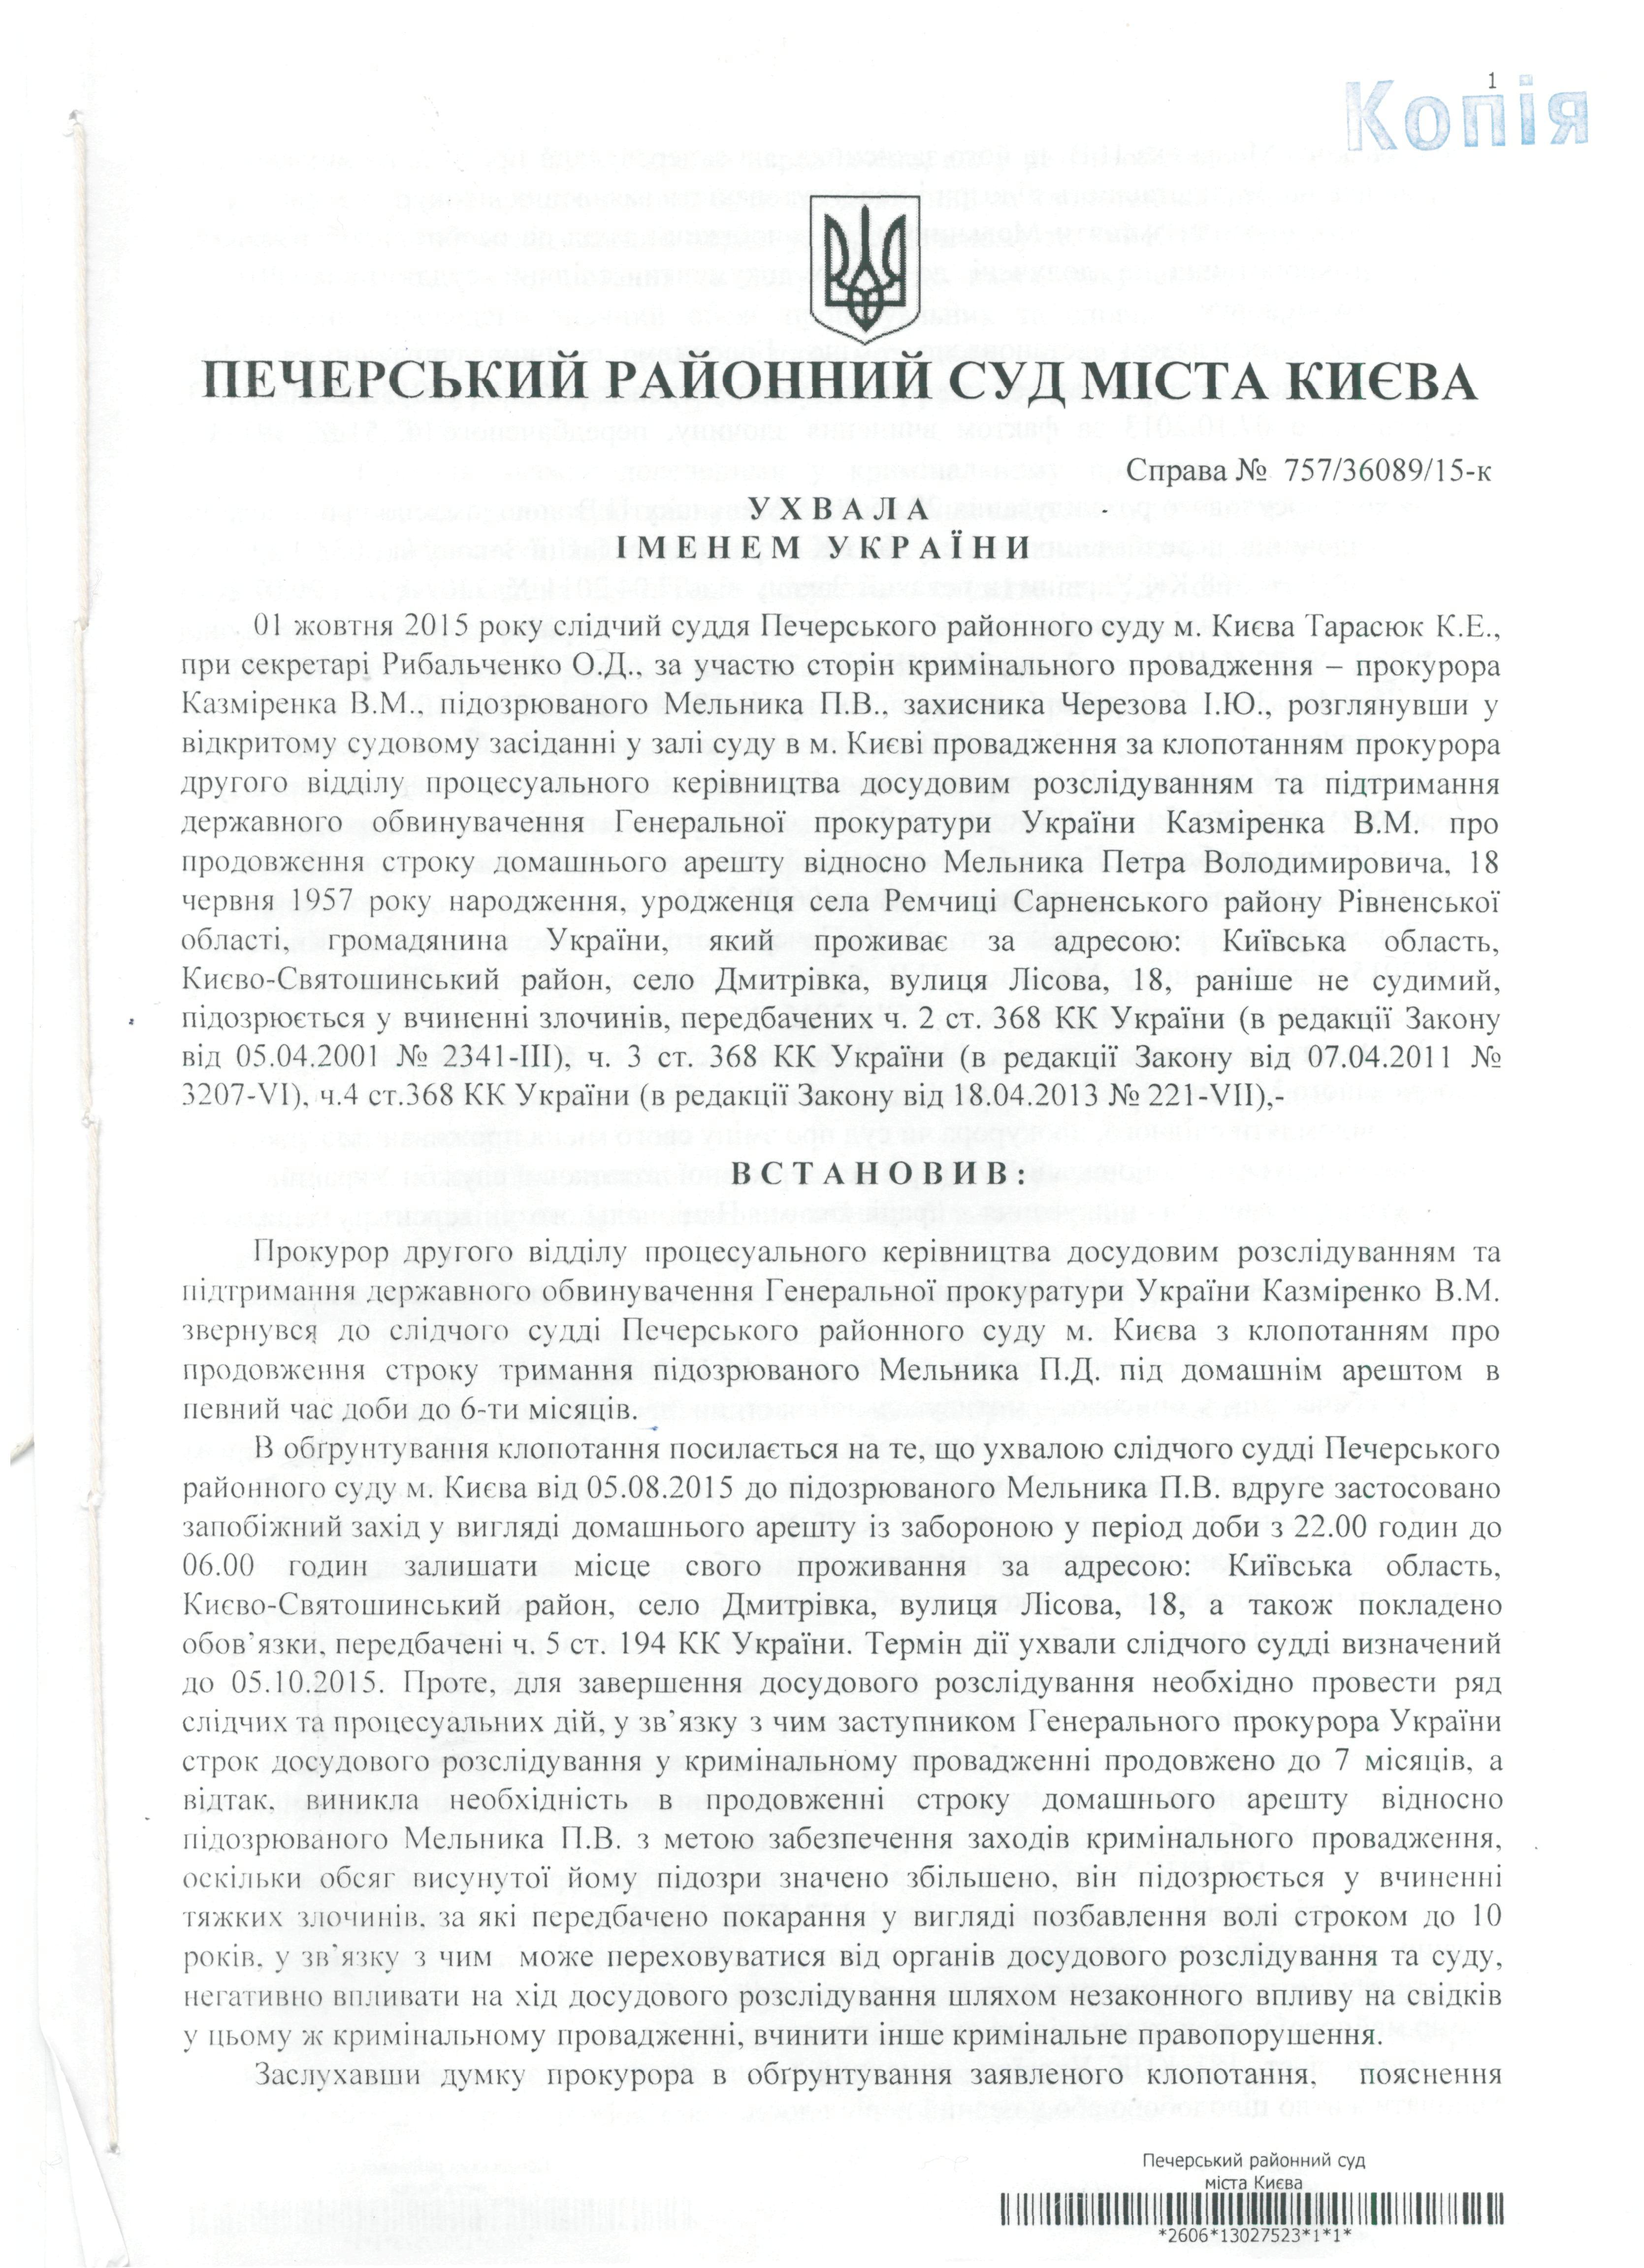 Скандального екс-ректора Мельника таки залишили під домашнім арештом - фото 1